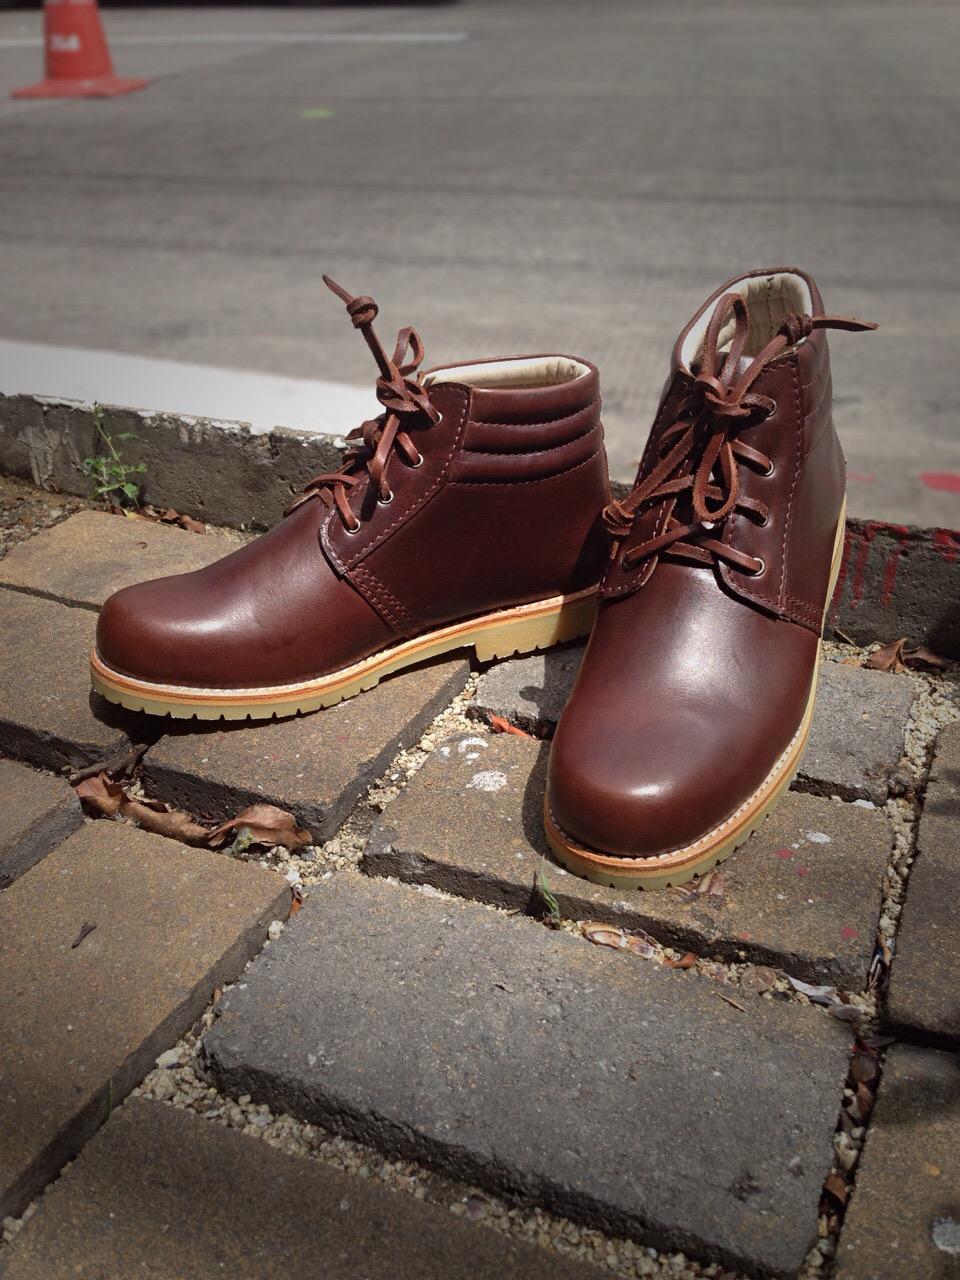 รองเท้าผู้ชาย | รองเท้าแฟชั่นชาย Brown Ankle Boots หนัง Oiled Pull Up